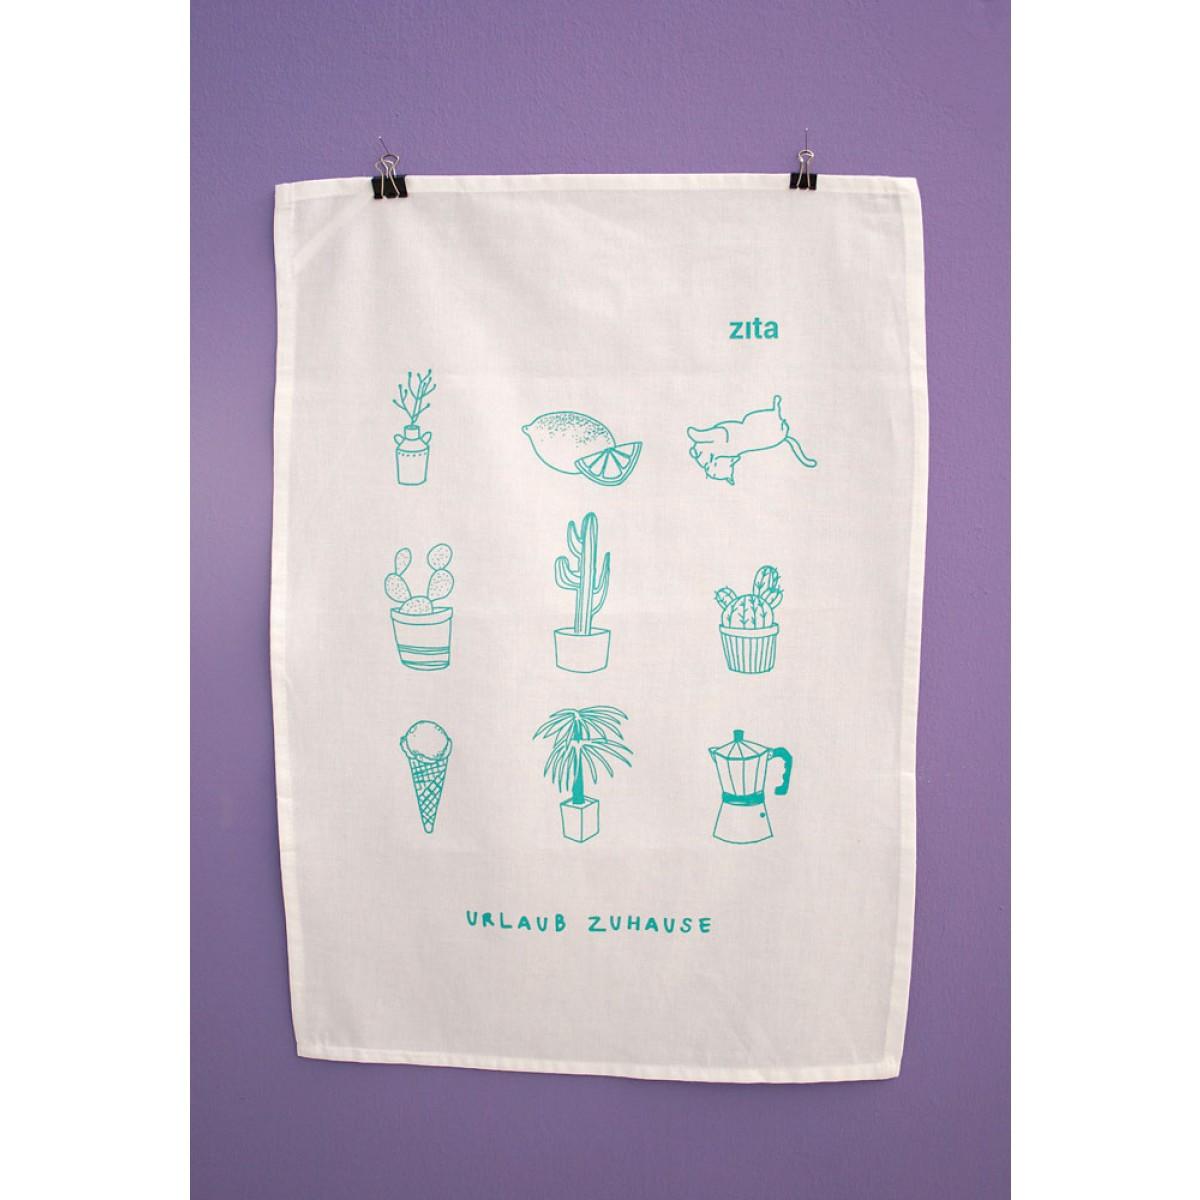 zita products - ULLA Geschirrtuch türkis